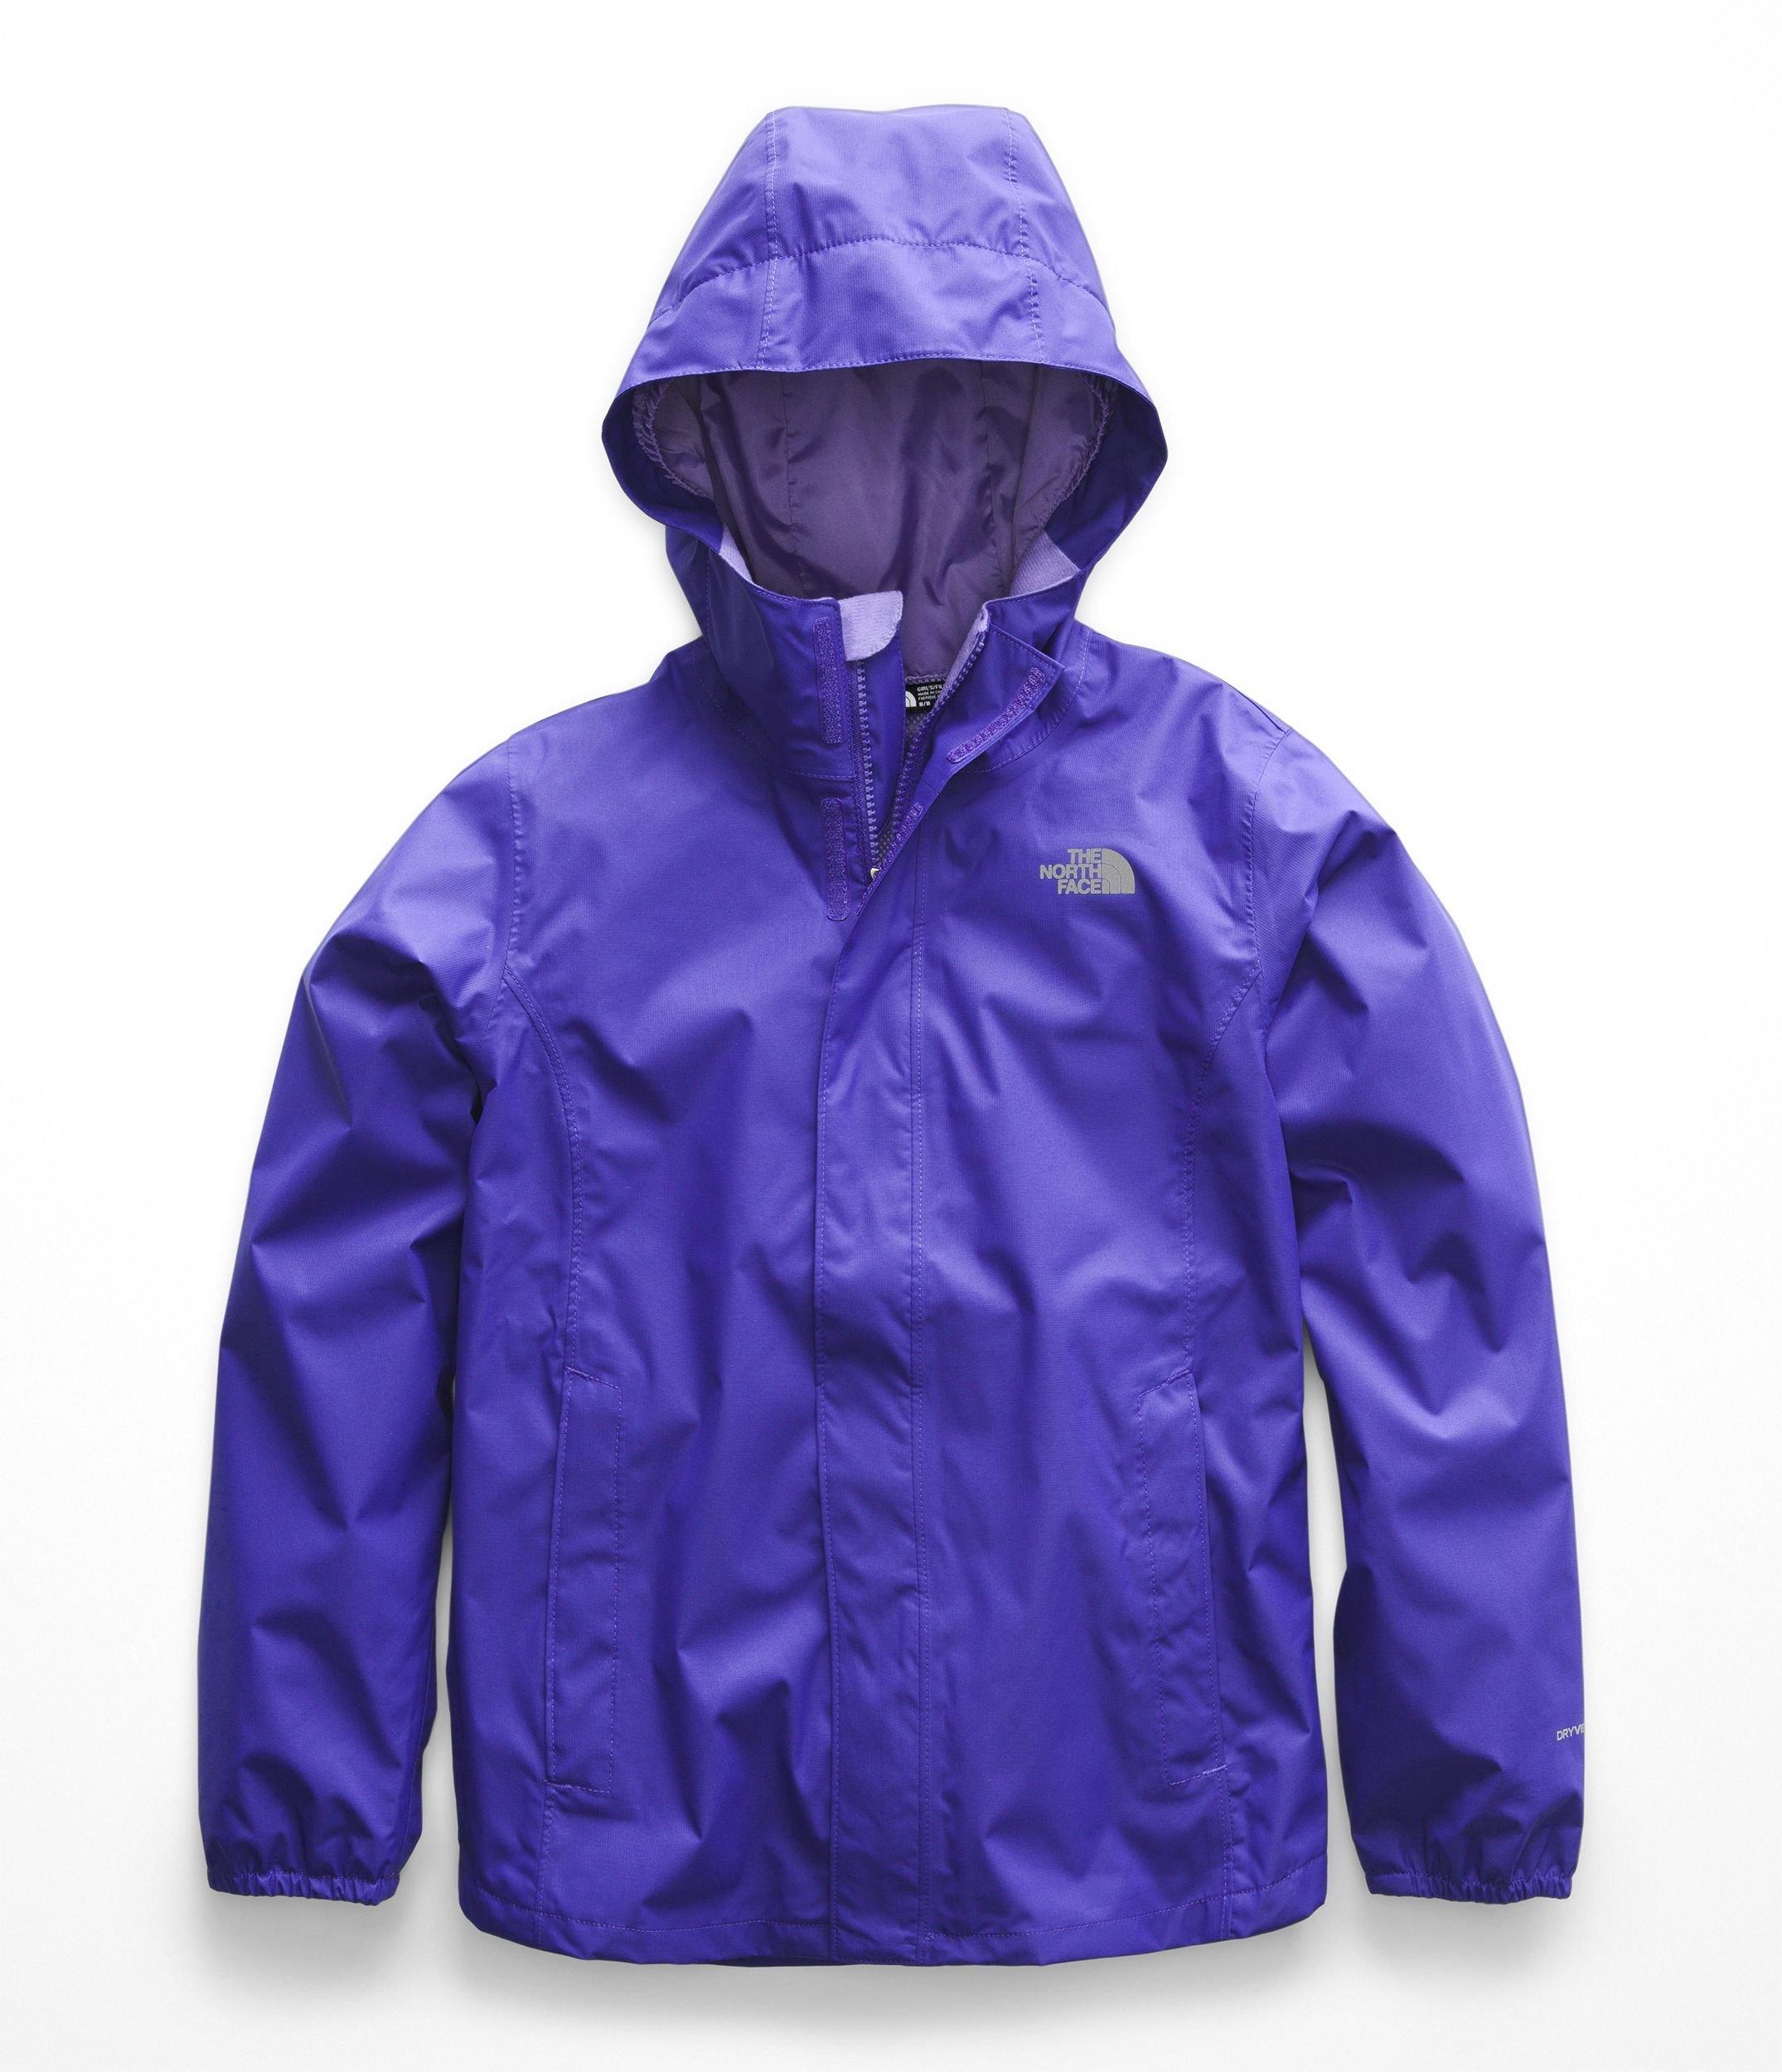 6fd4872d1 The North Face Kids Girl's Resolve Reflective Jacket (Little Kids/Big Kids)  Deep Blue Medium